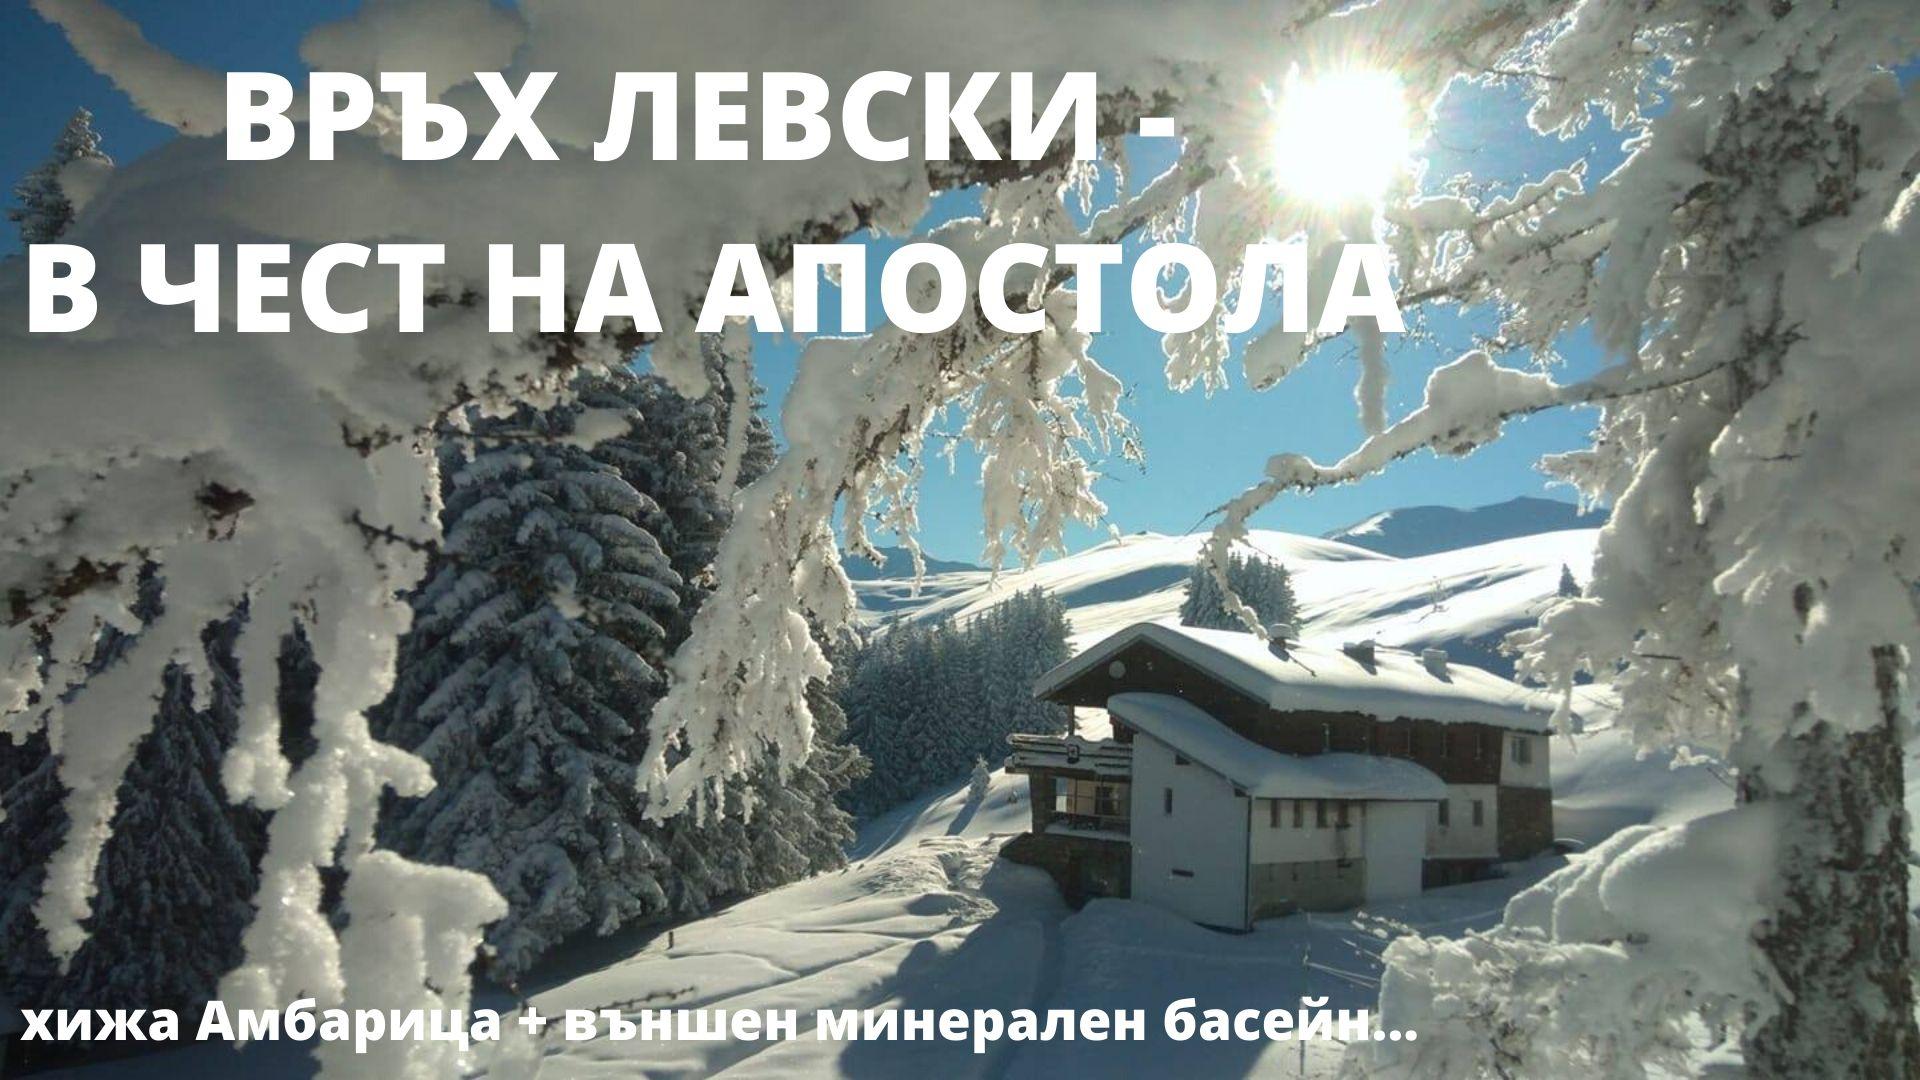 ВРЪХ ЛЕВСКИ - В ЧЕСТ НА АПОСТОЛА, ЗИМНО В СТАРА ПЛАНИНА